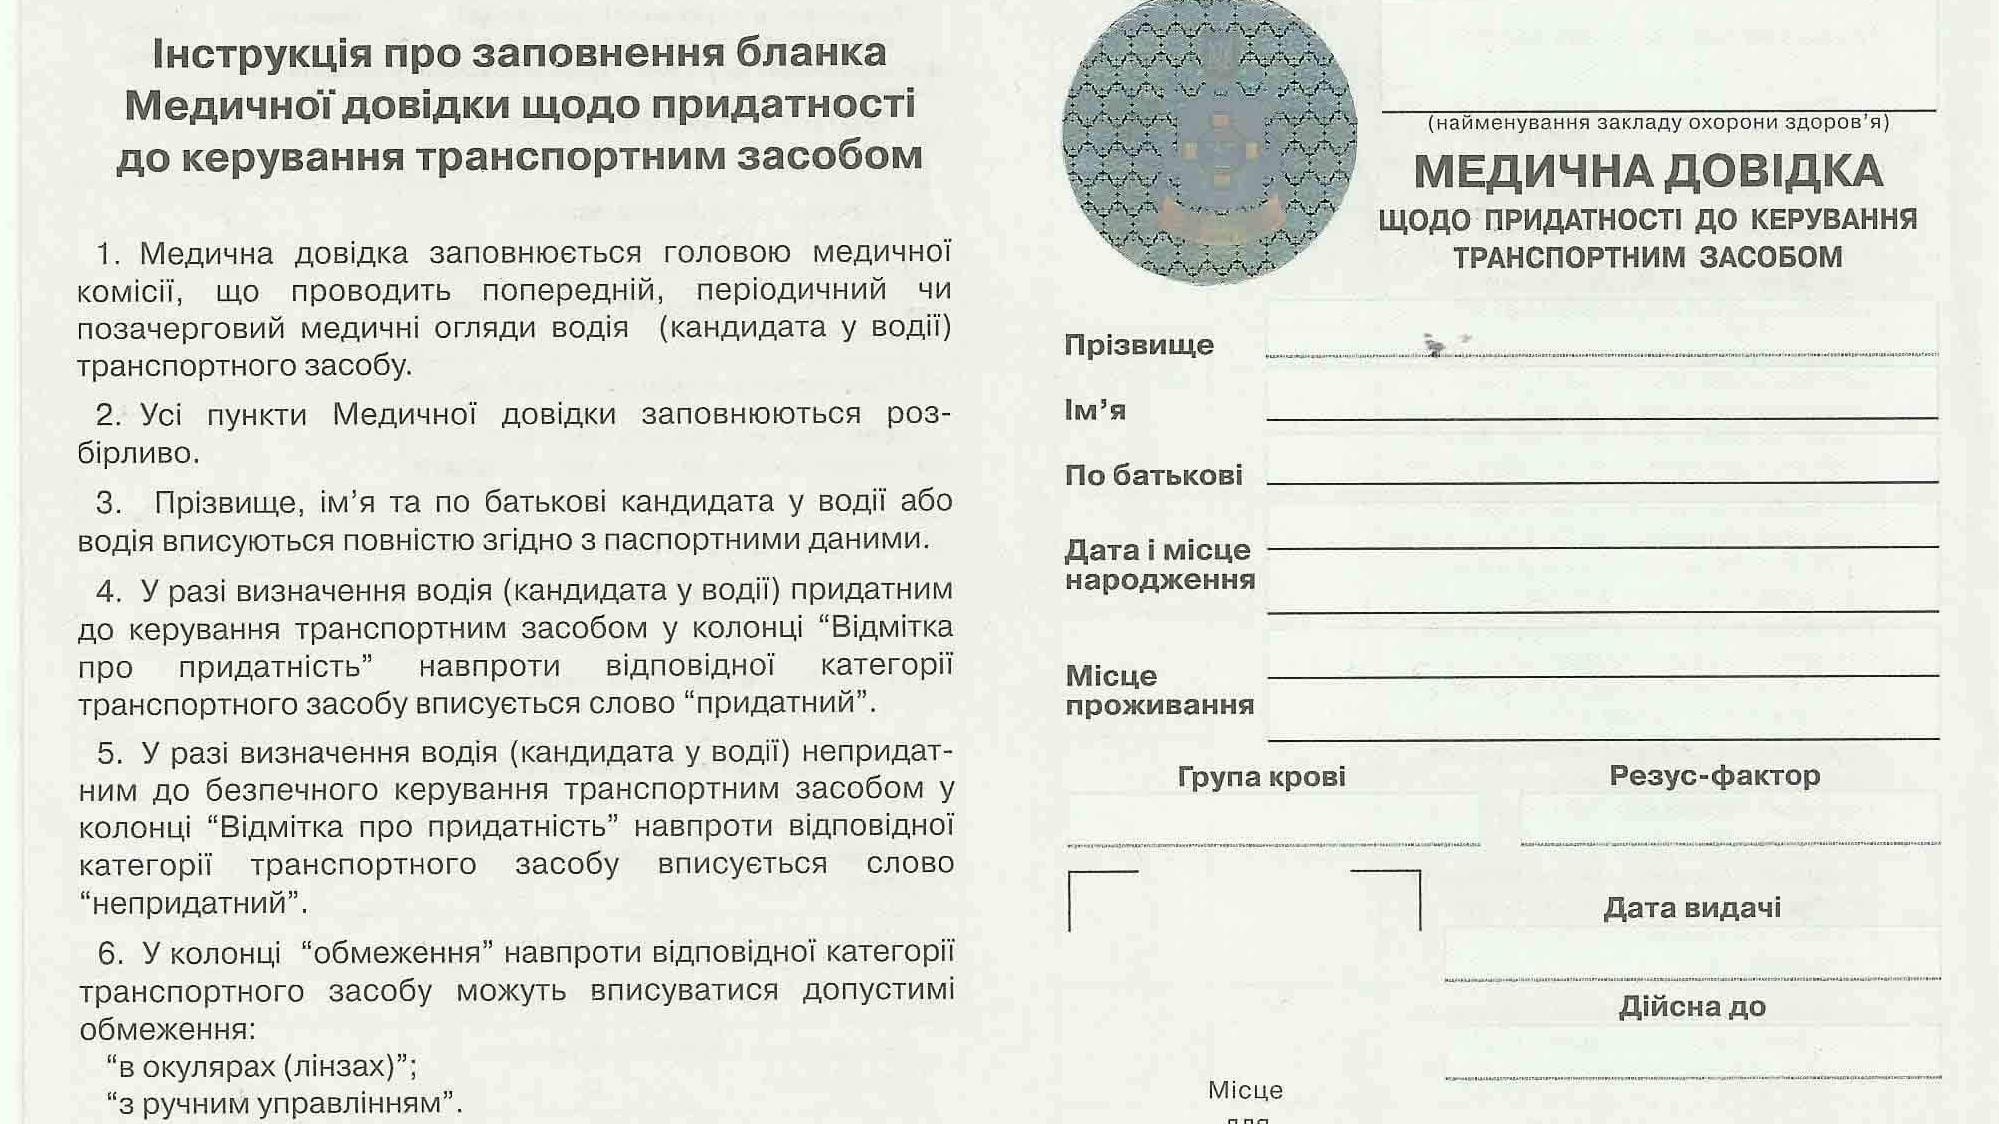 medspravka-dlya-gai-1-Cropped.jpg